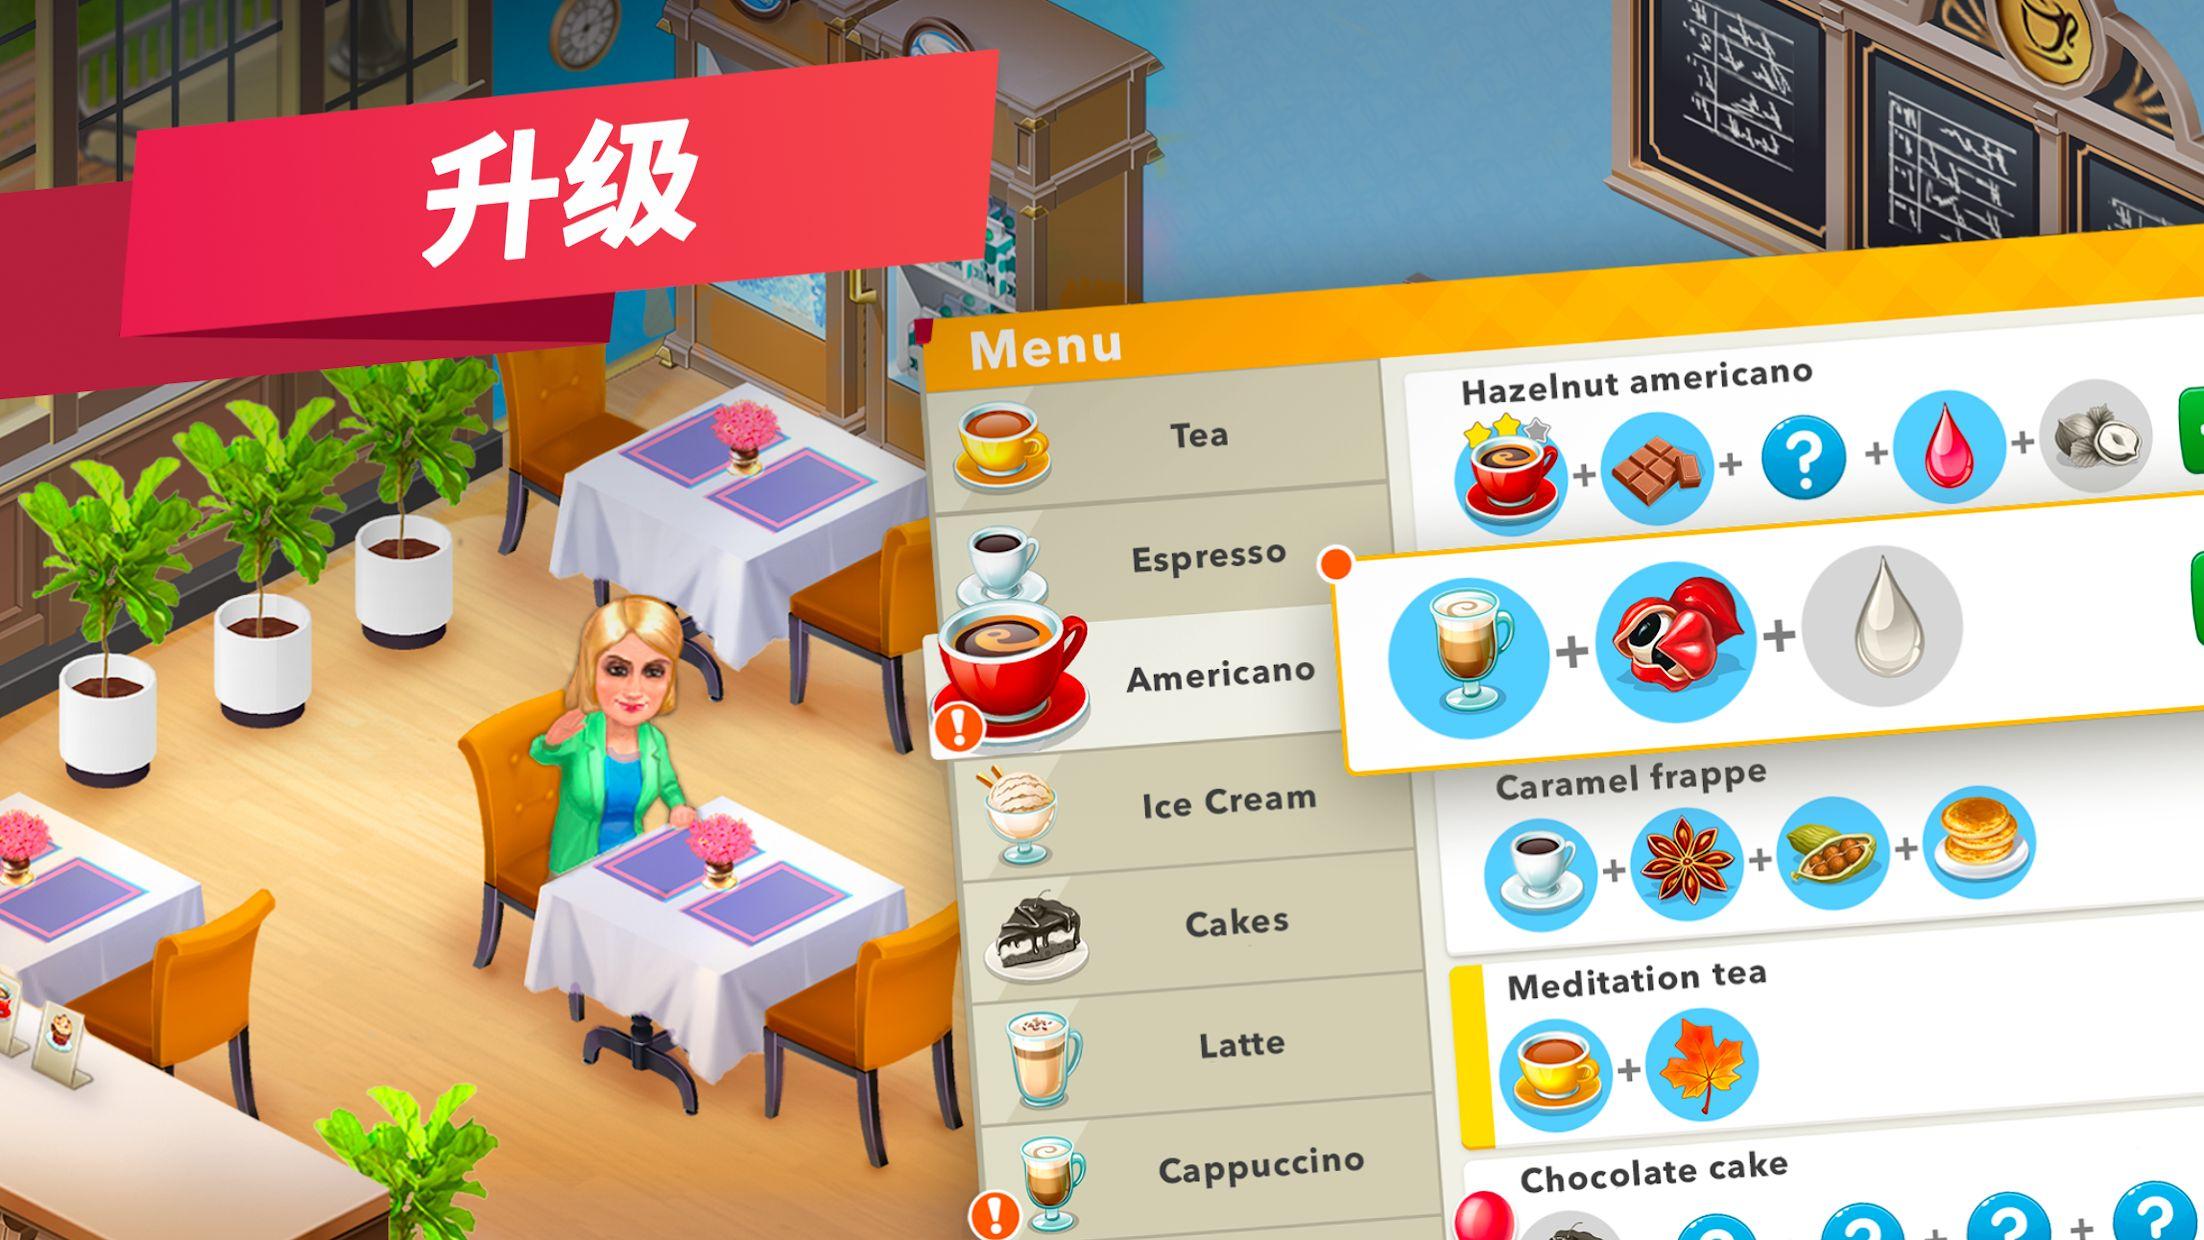 我的咖啡厅 - 世界餐厅游戏 游戏截图4